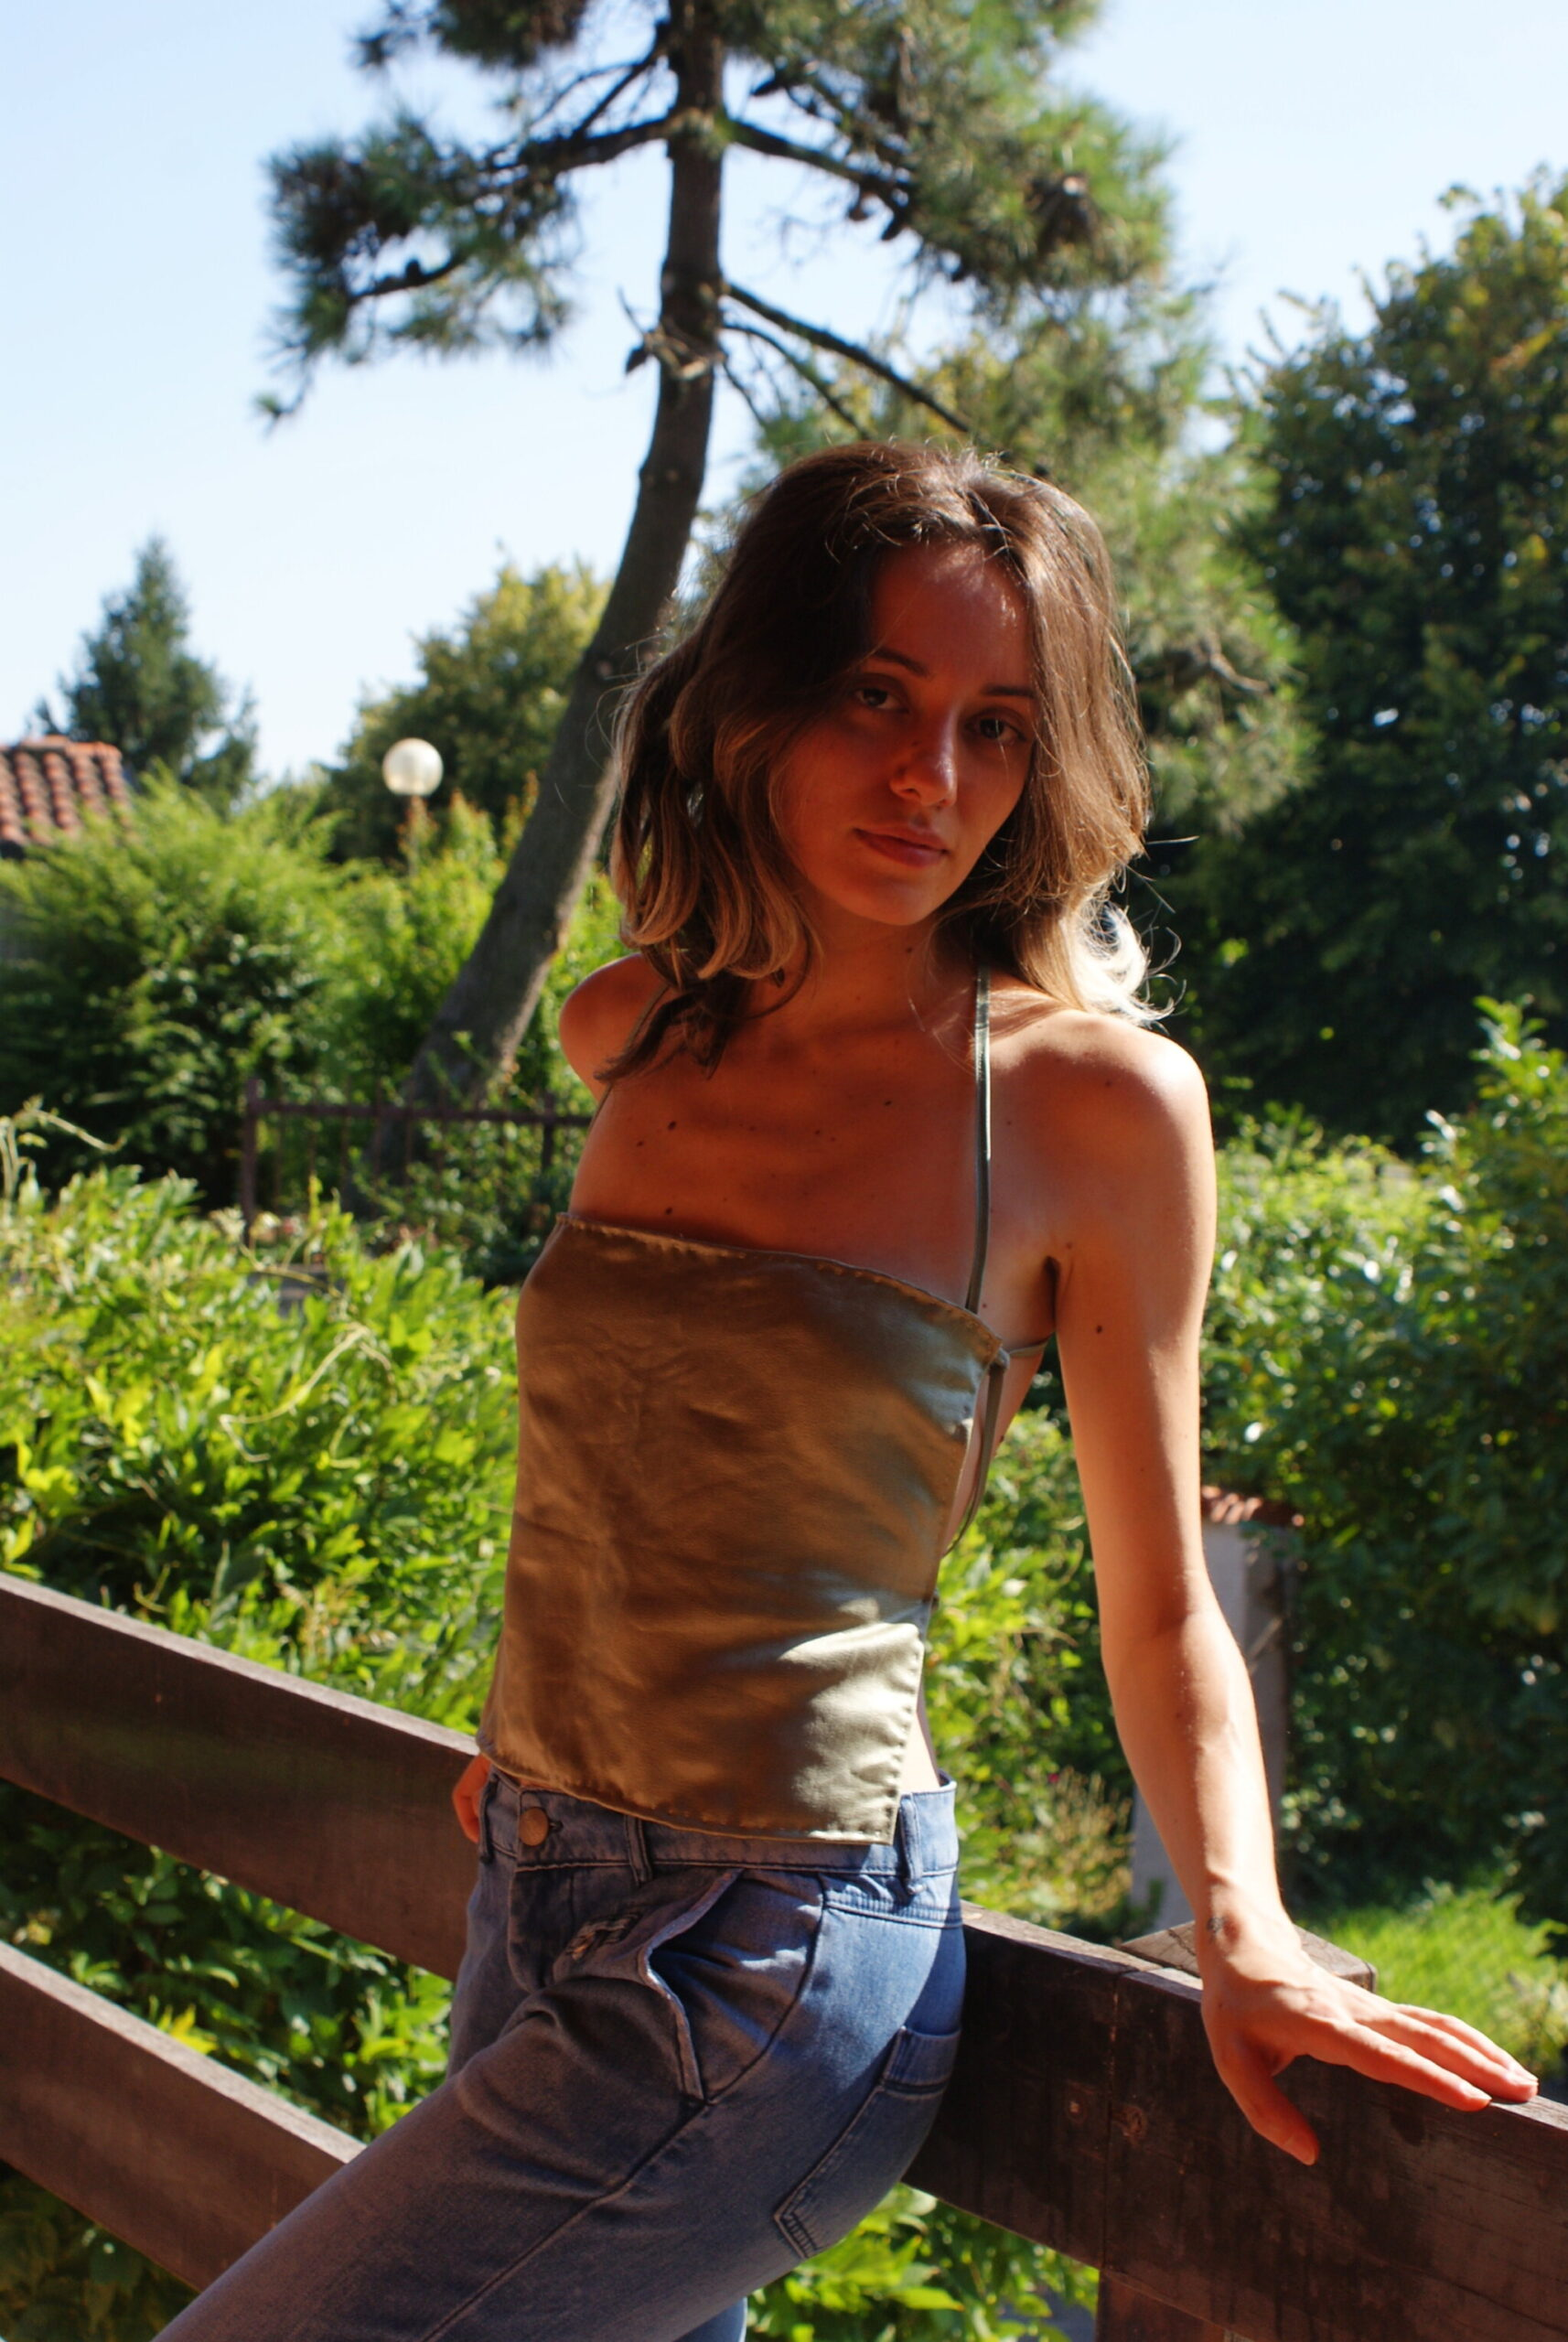 elisa pizzola diy lifestyle blogger creativa fai da te crop top raso seta facile tutorial cucito